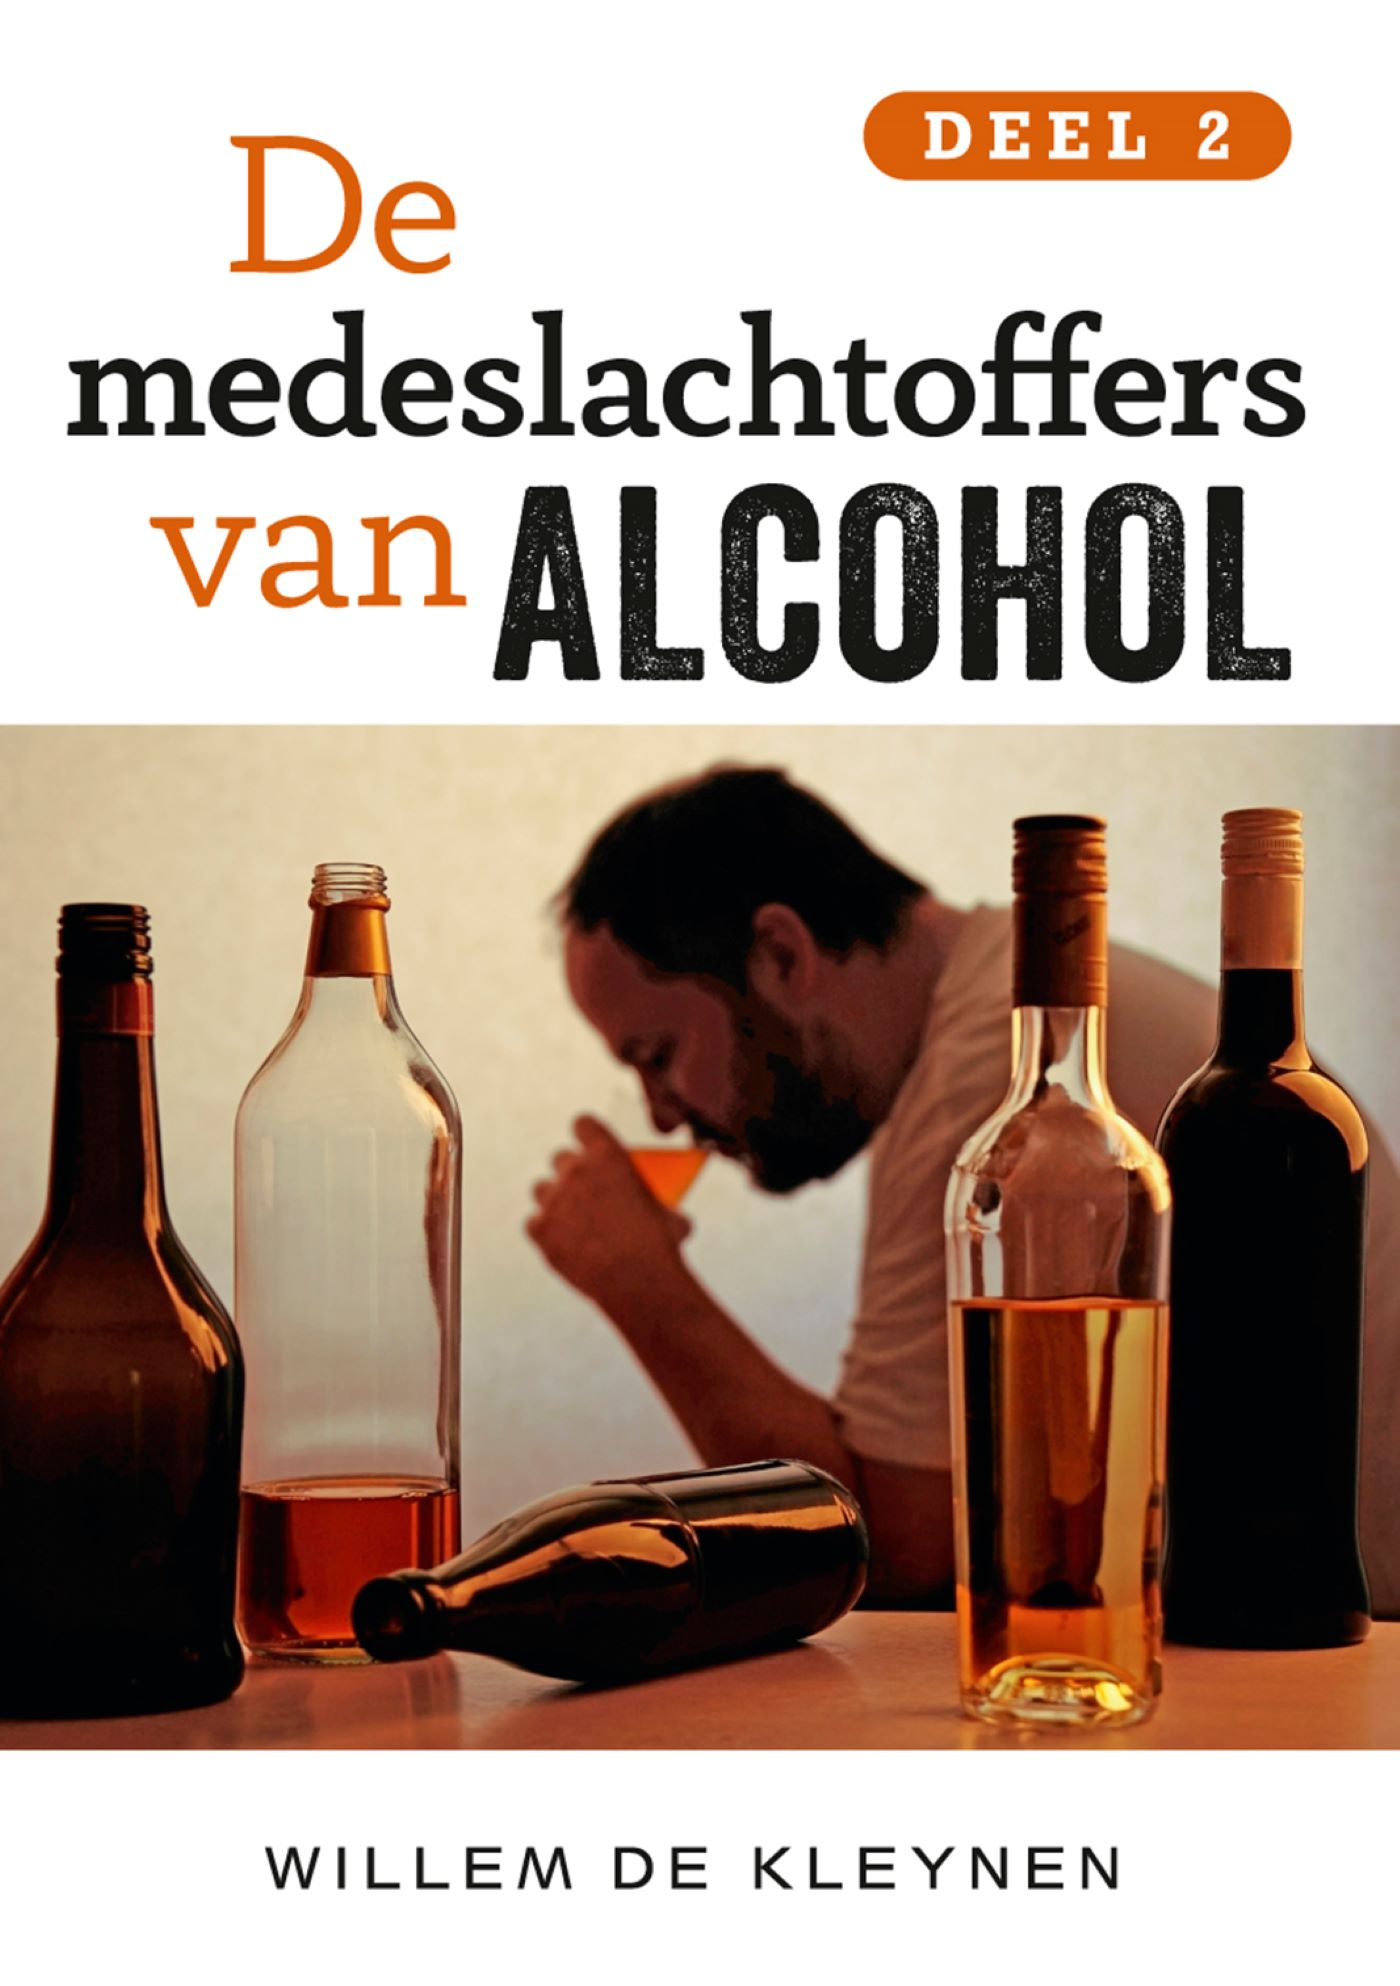 De medeslachtoffers van alcohol / deel 2